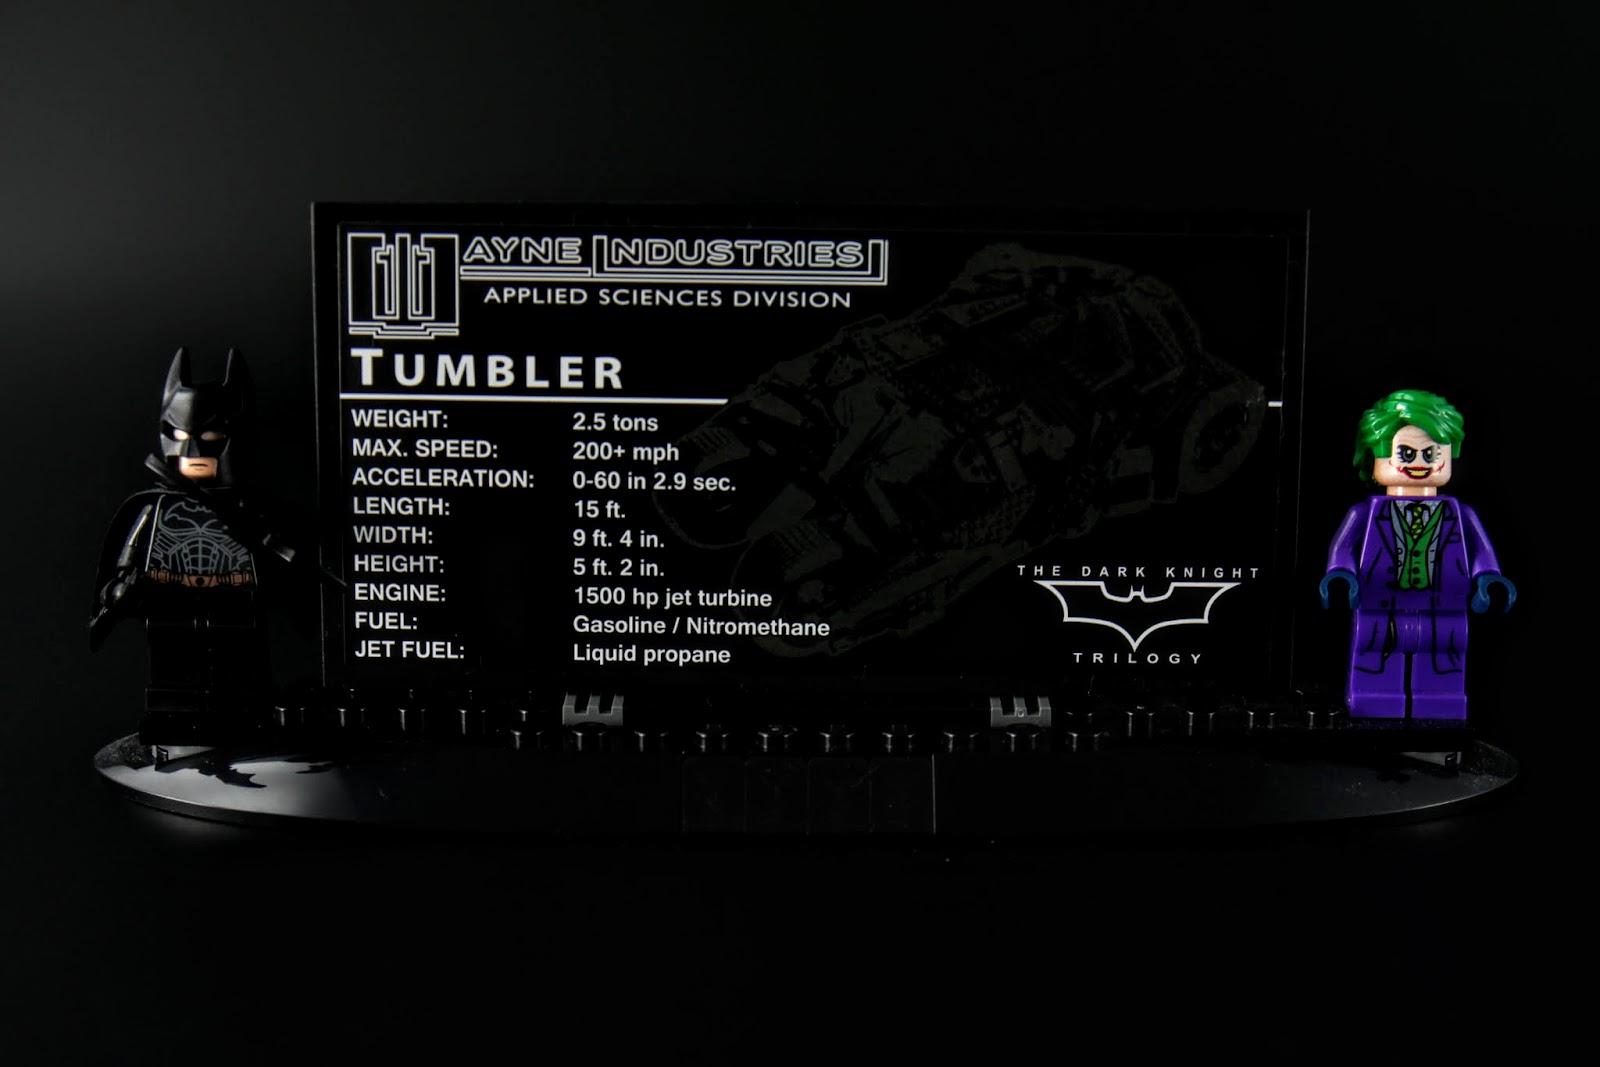 有個展示板上面有Tumbler的基本資料,兩邊是本款附的TDK版蝙蝠俠及小丑人偶